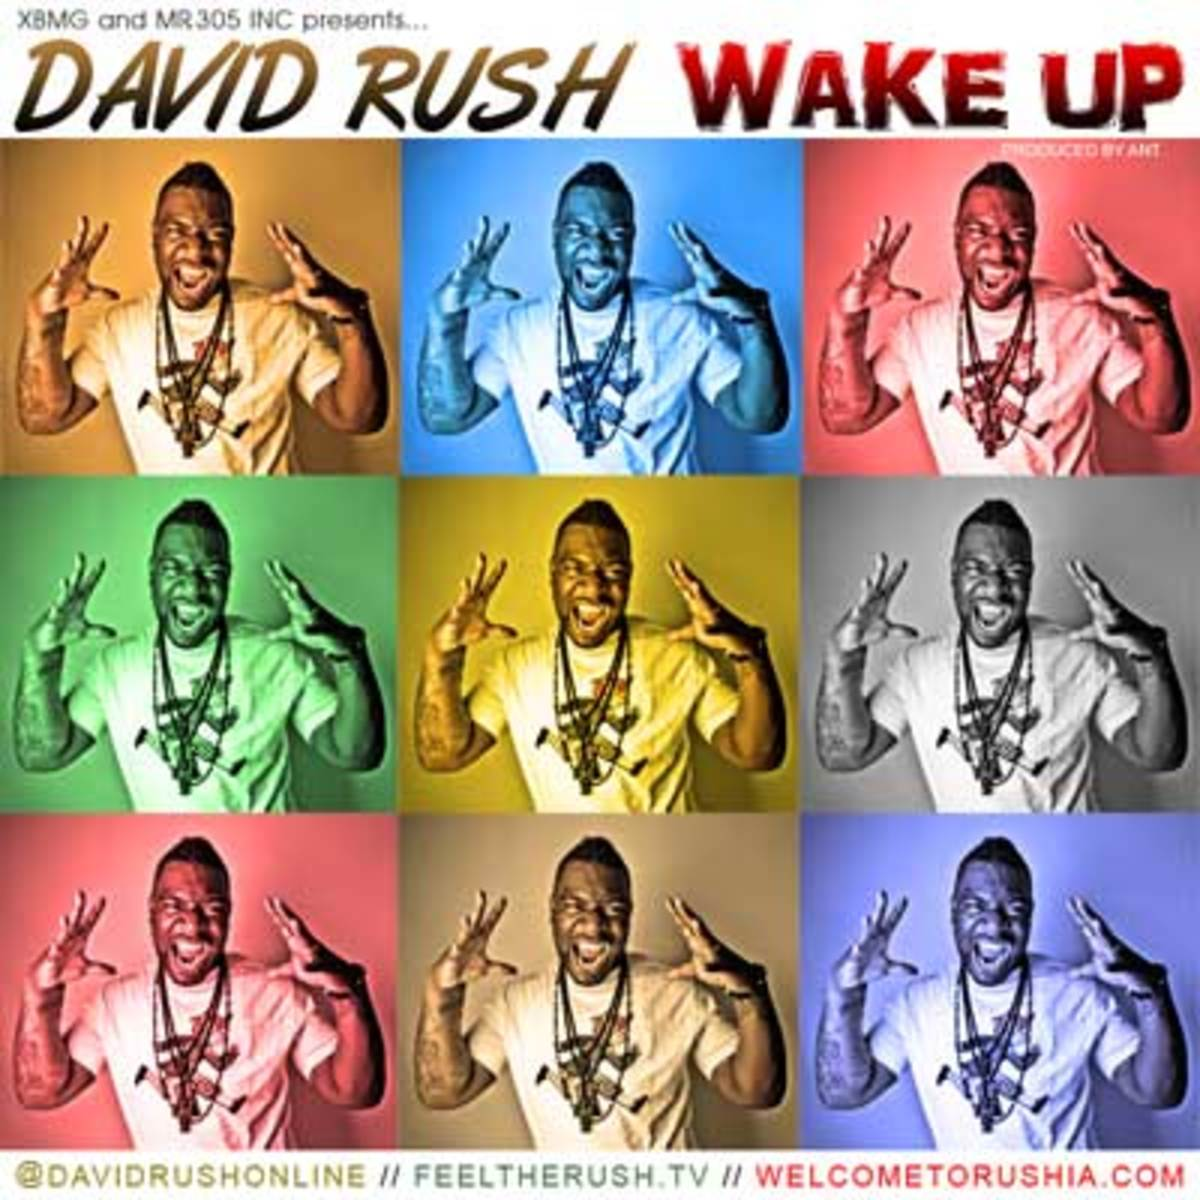 davidrush-wakeup.jpg